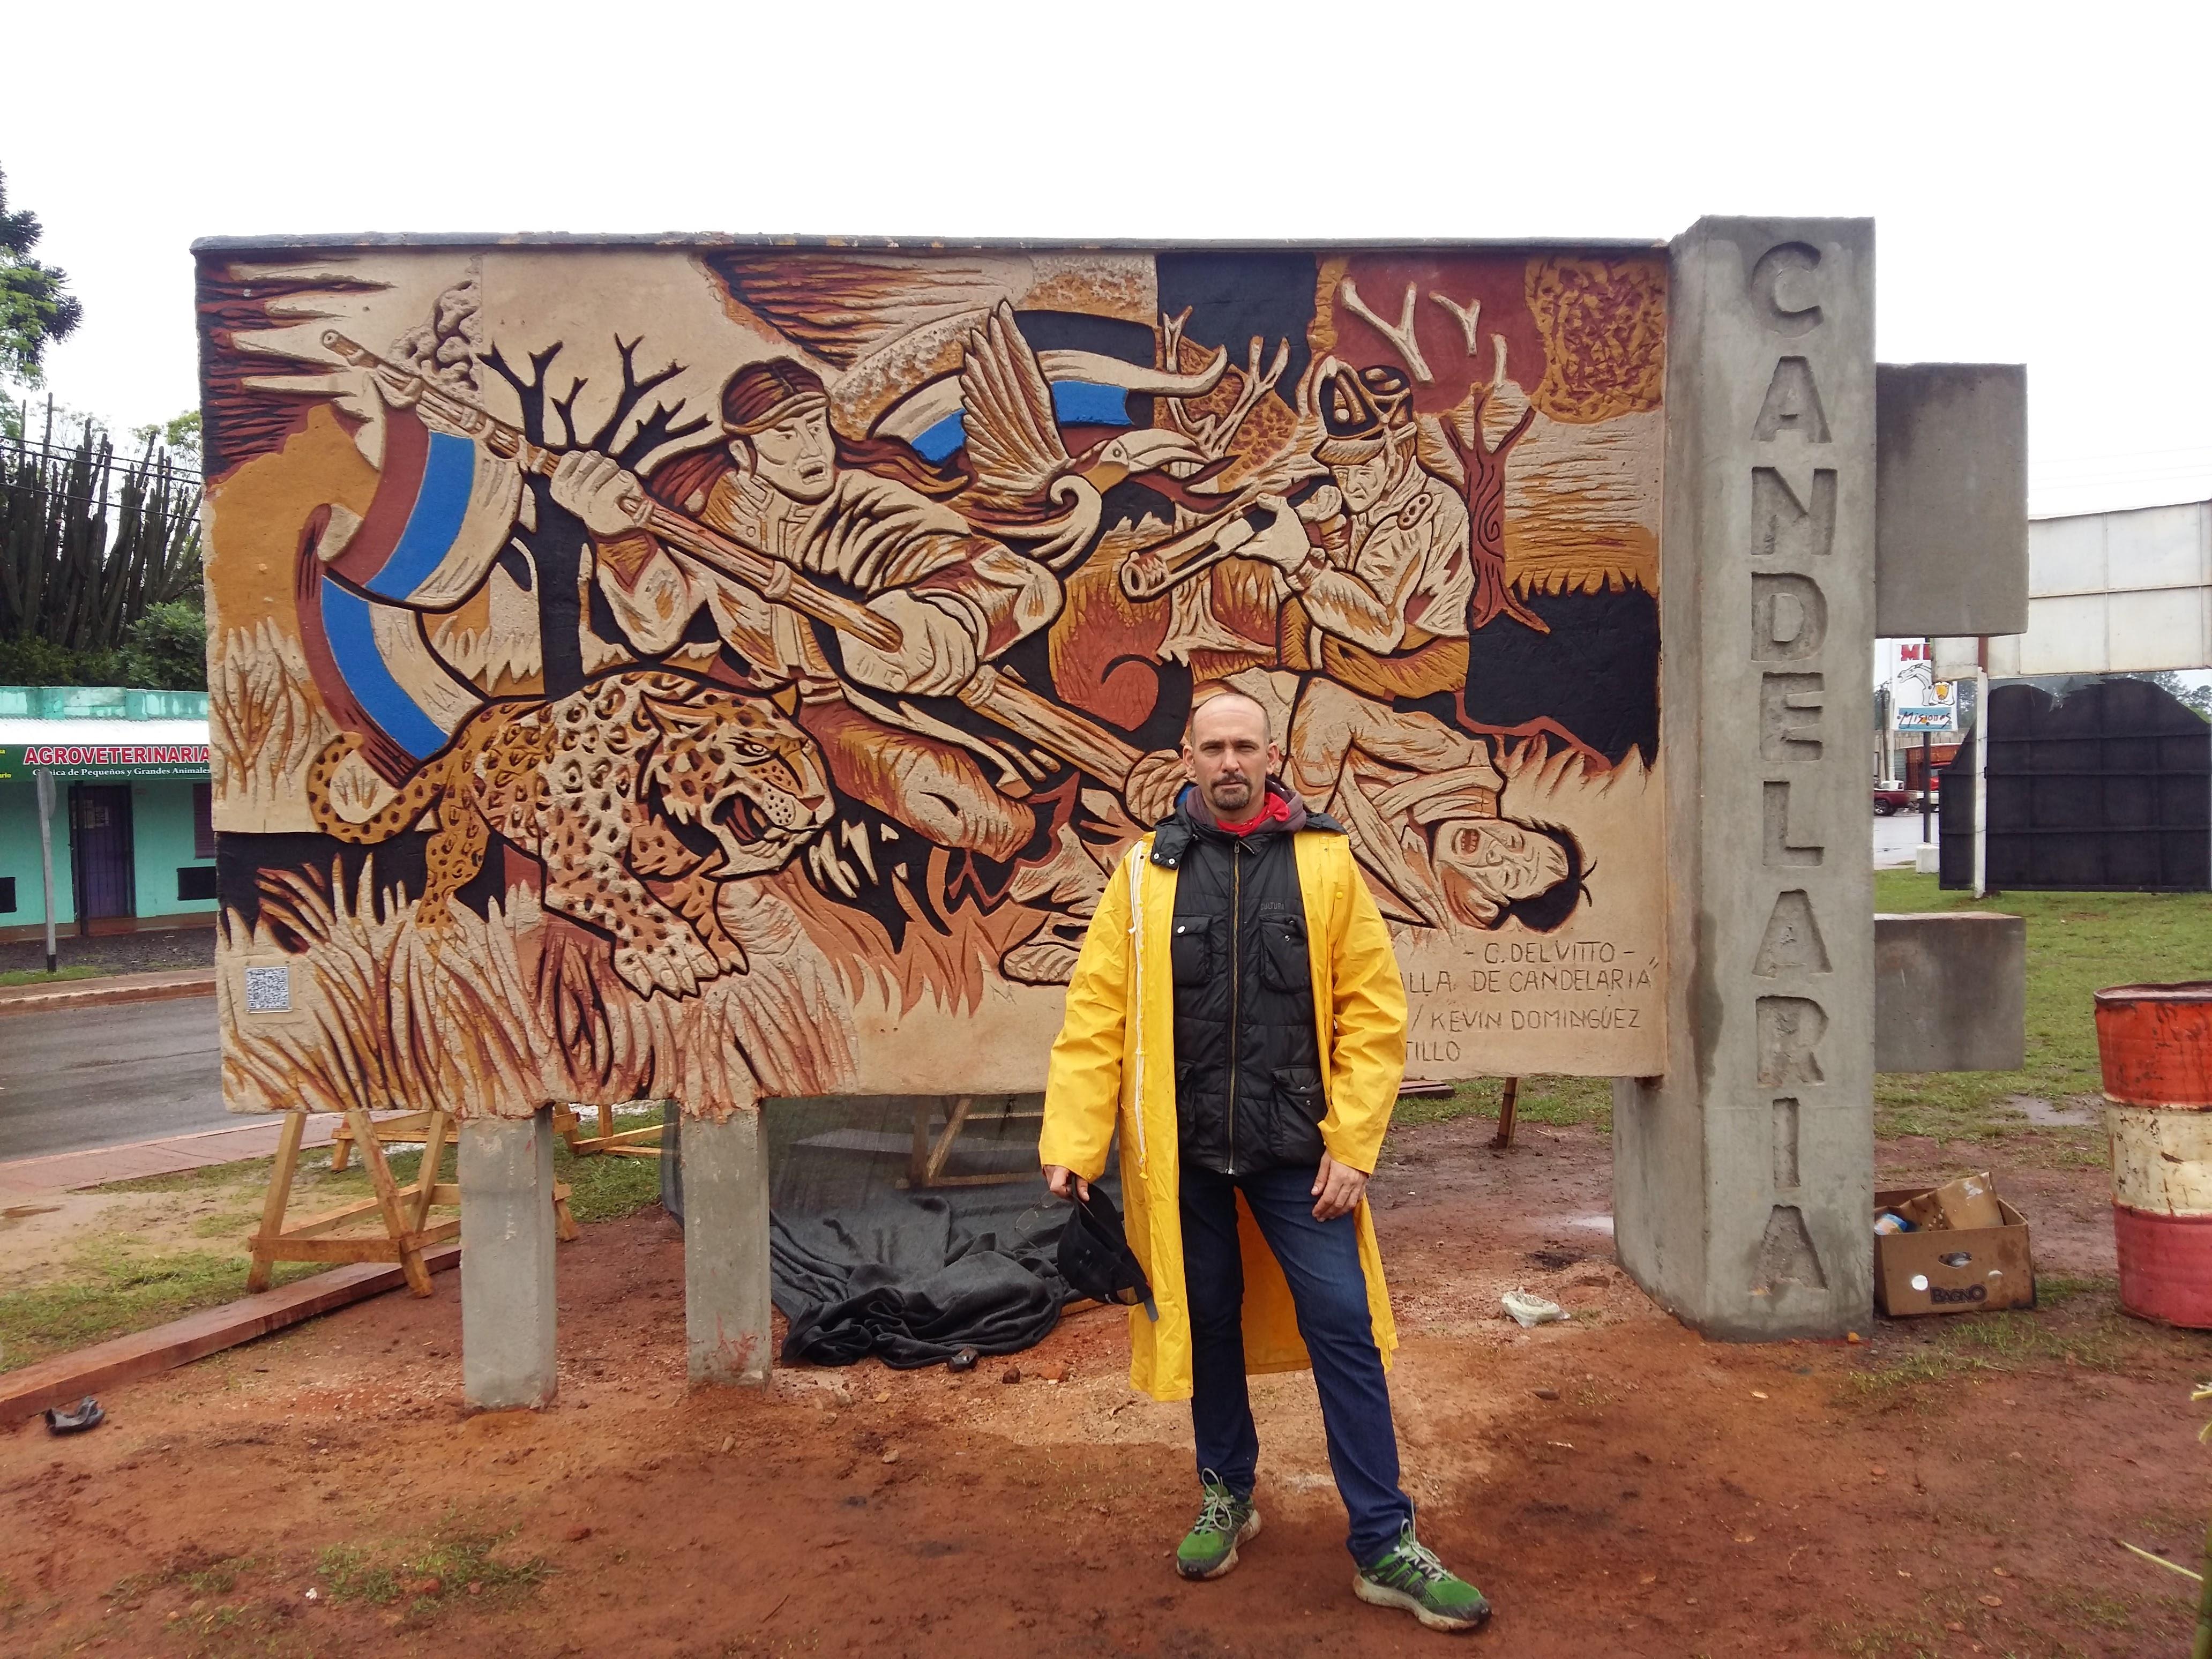 El muralista Cristian Del Vitto participó recientemente del Encuentro Internacional de Muralistas que se desarrolló en la ciudad de Candelaria, provincia de Misiones organizado por el Movimiento Internacional del Muralistas Ítalo Grassi y la Municipalidad de esa ciudad, donde el berissense fue declarado huésped de honor.